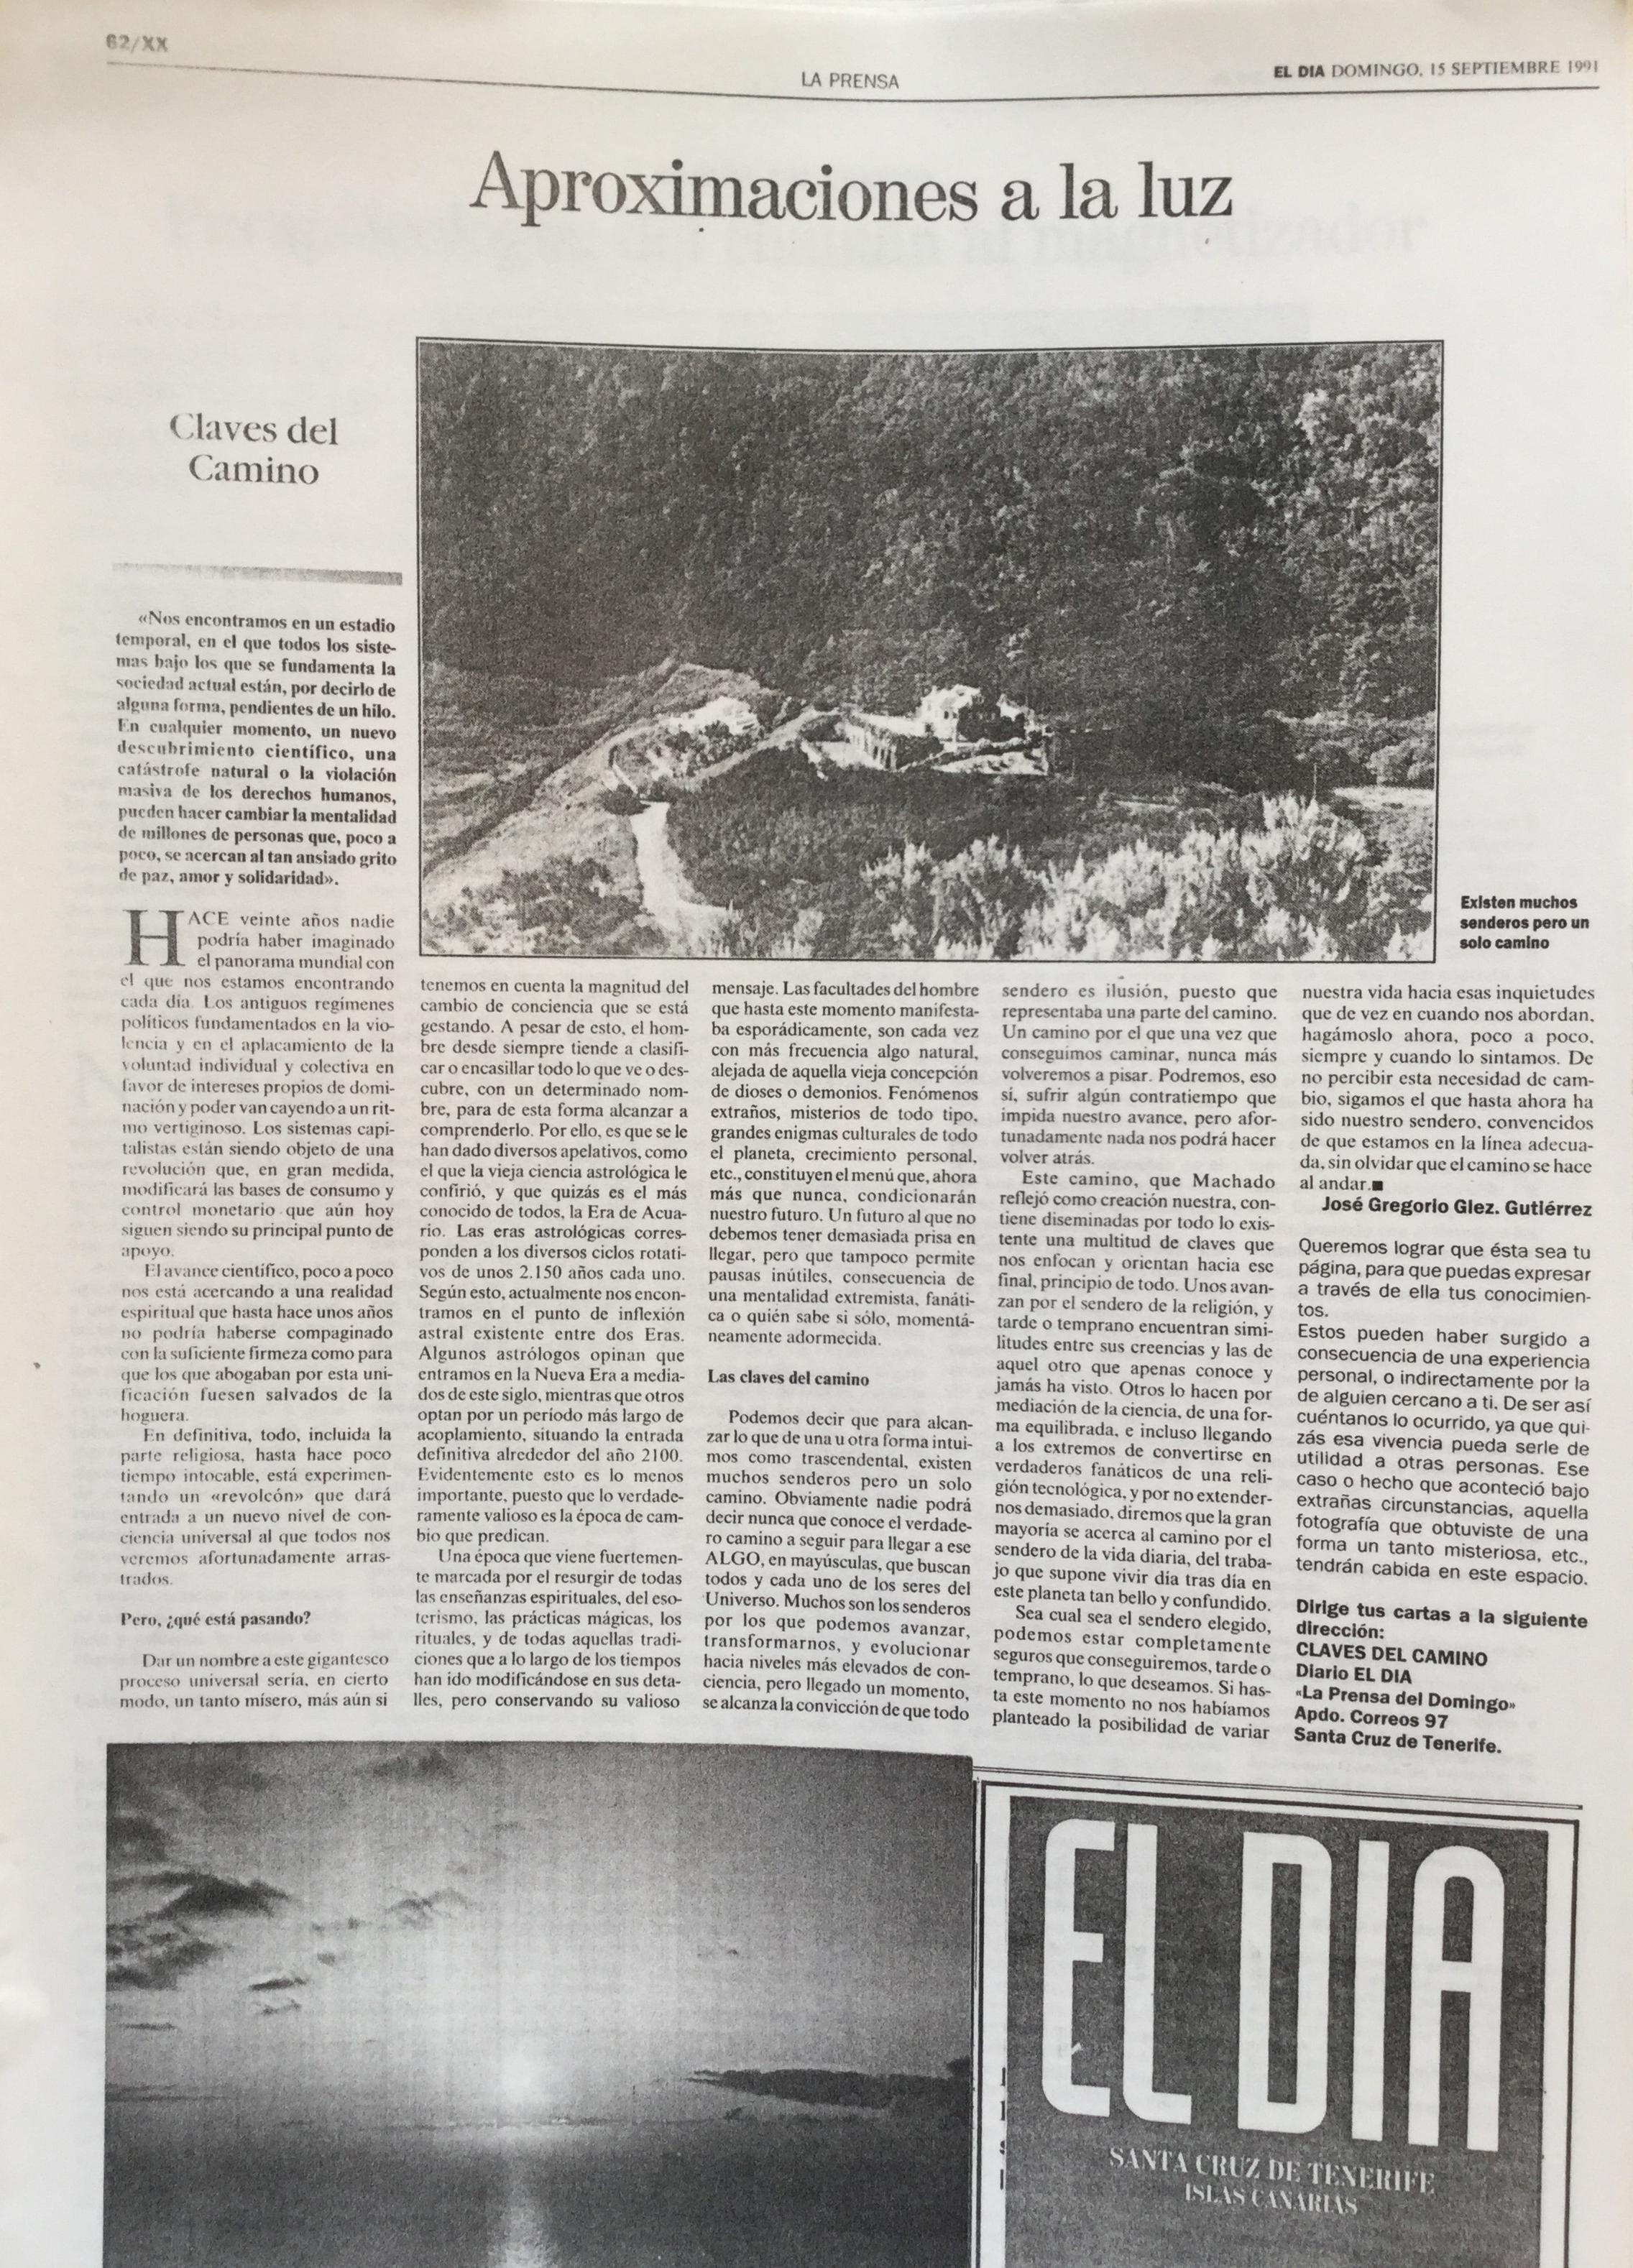 Claves del Camino - 1991